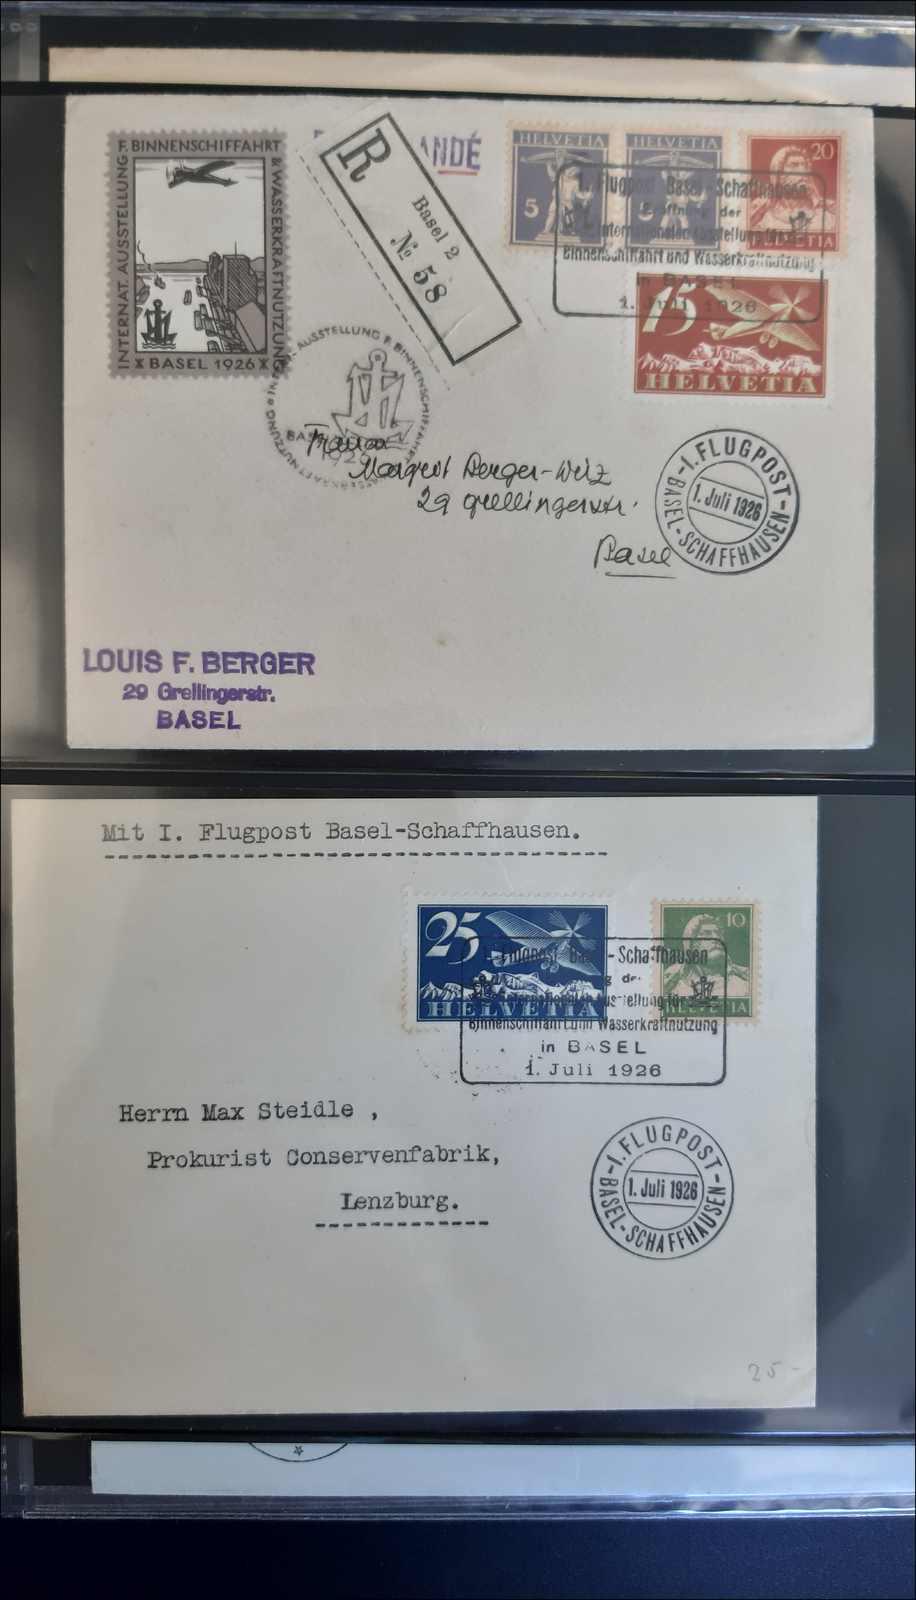 Lot 184 - schweiz schweiz -  Rolli Auctions Auction #68 Day 1